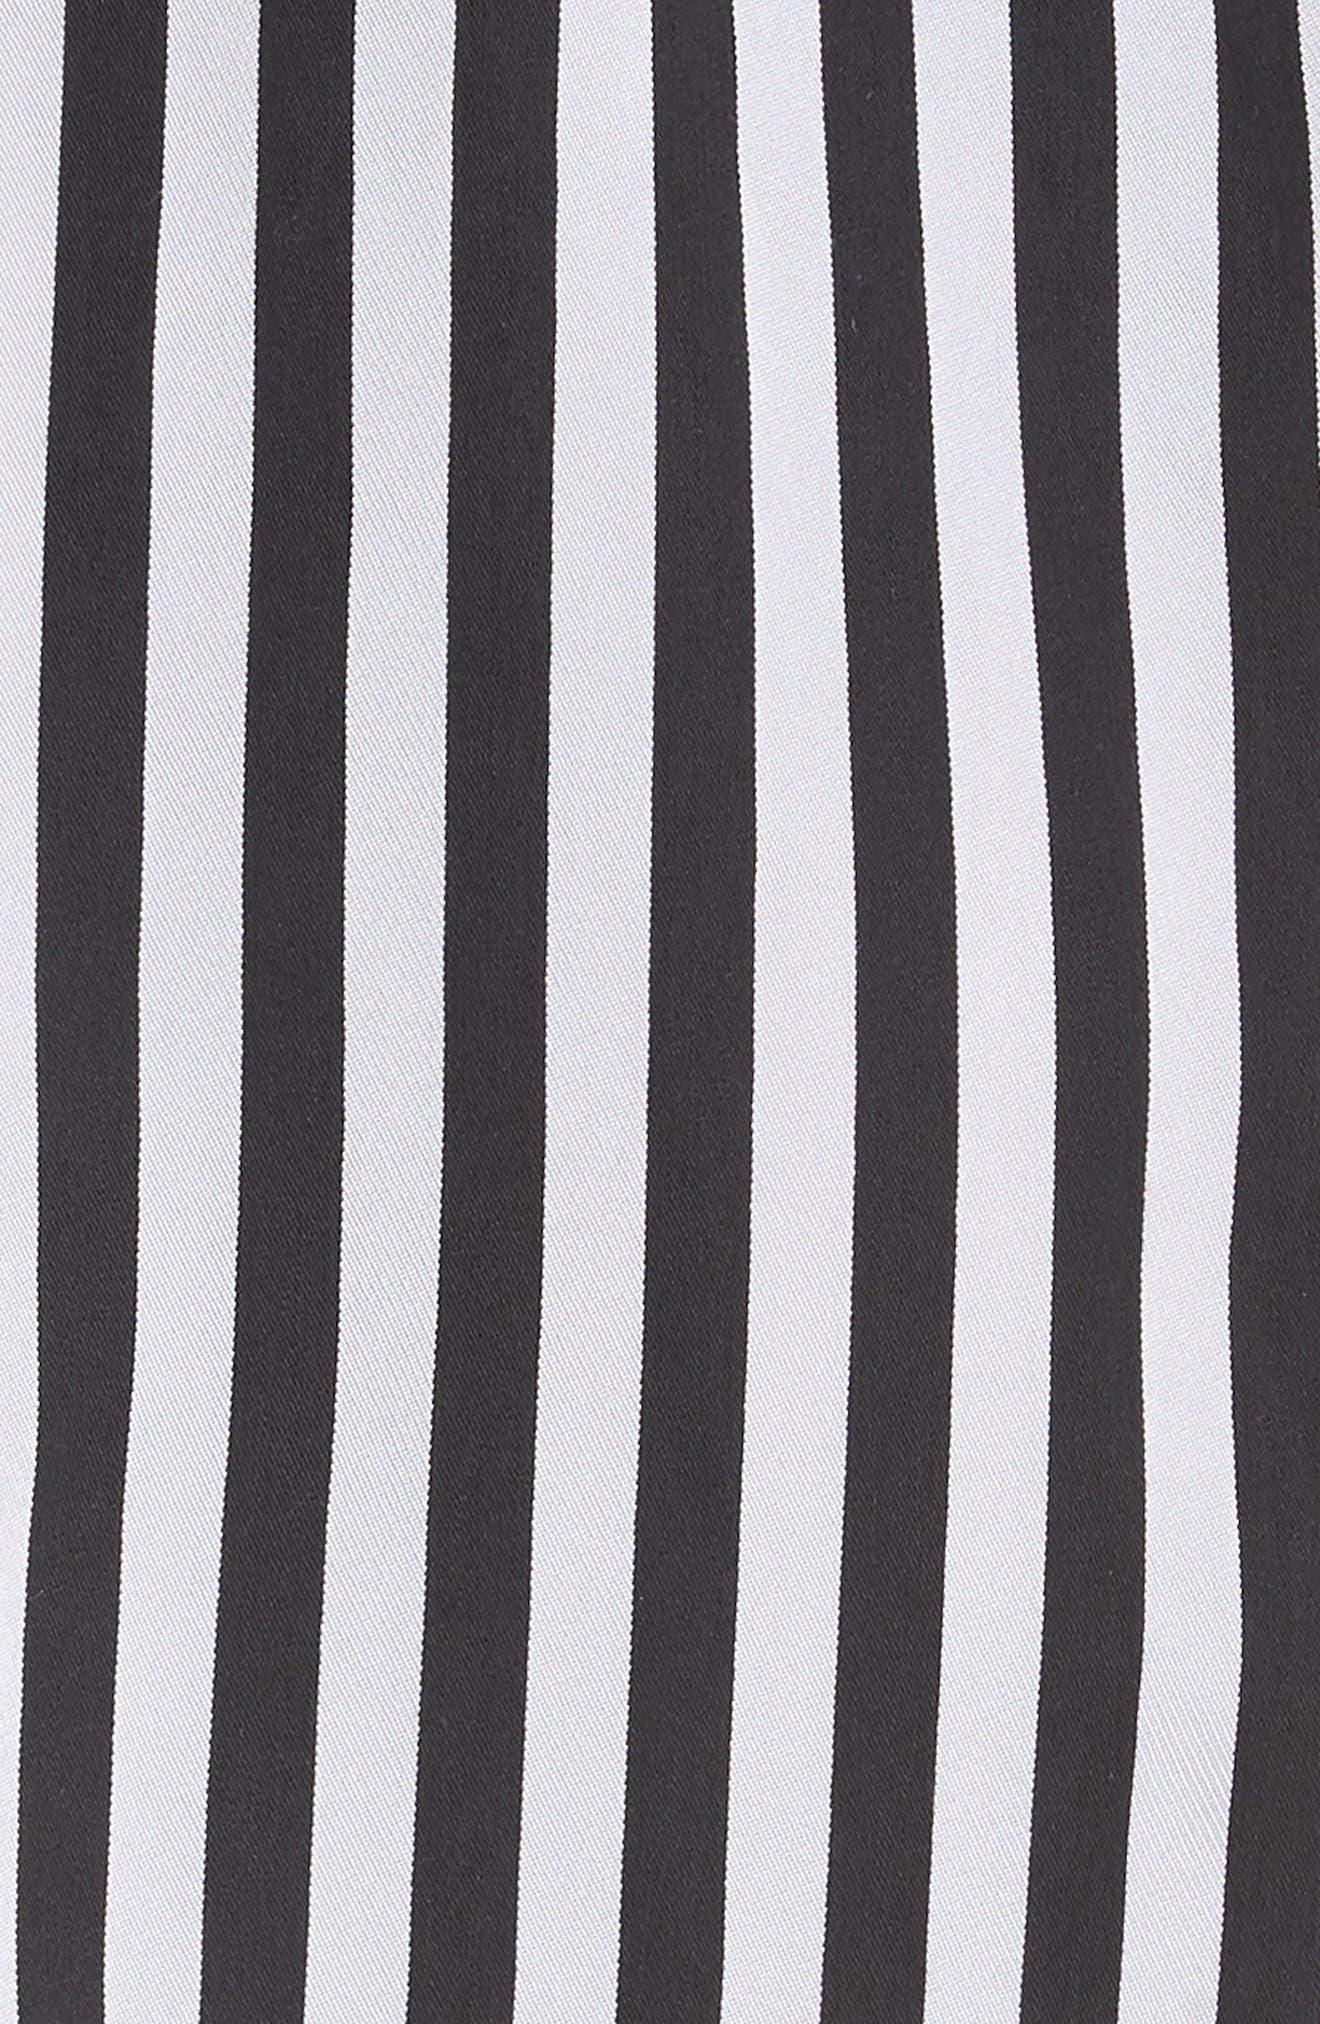 Asymmetrical Hem Slipdress,                             Alternate thumbnail 5, color,                             Black